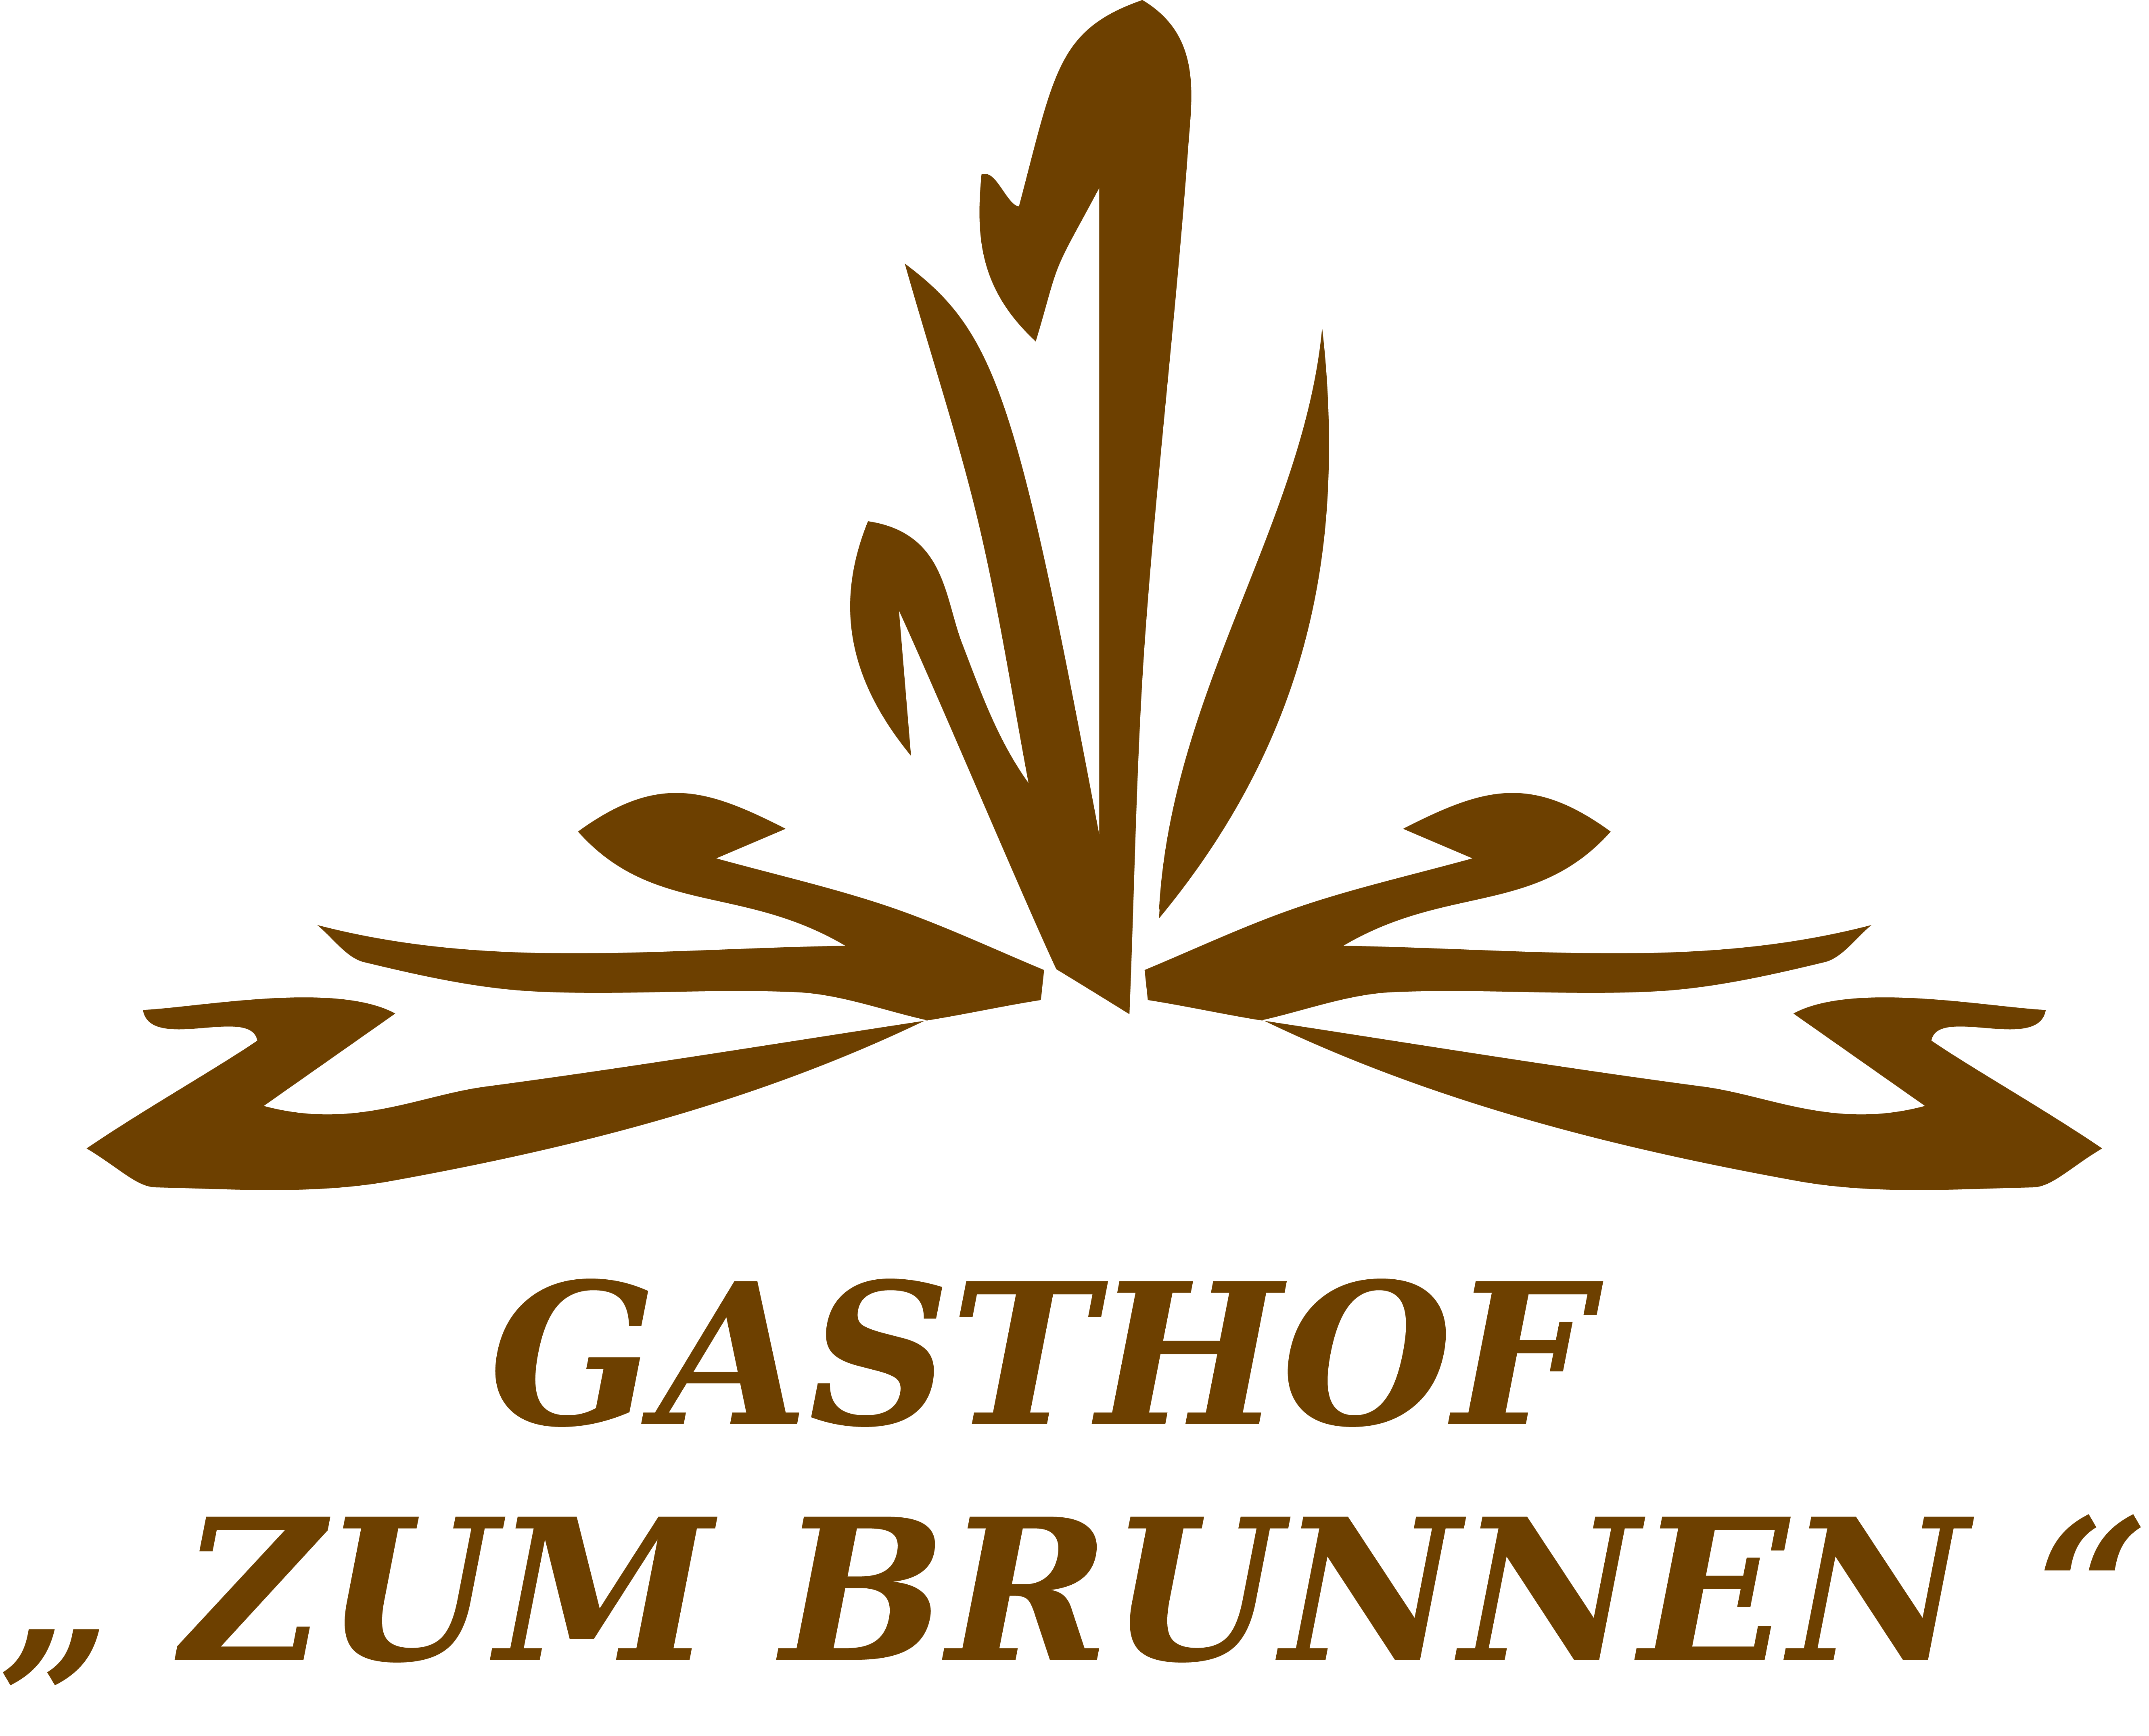 gasthof-zum-brunnen